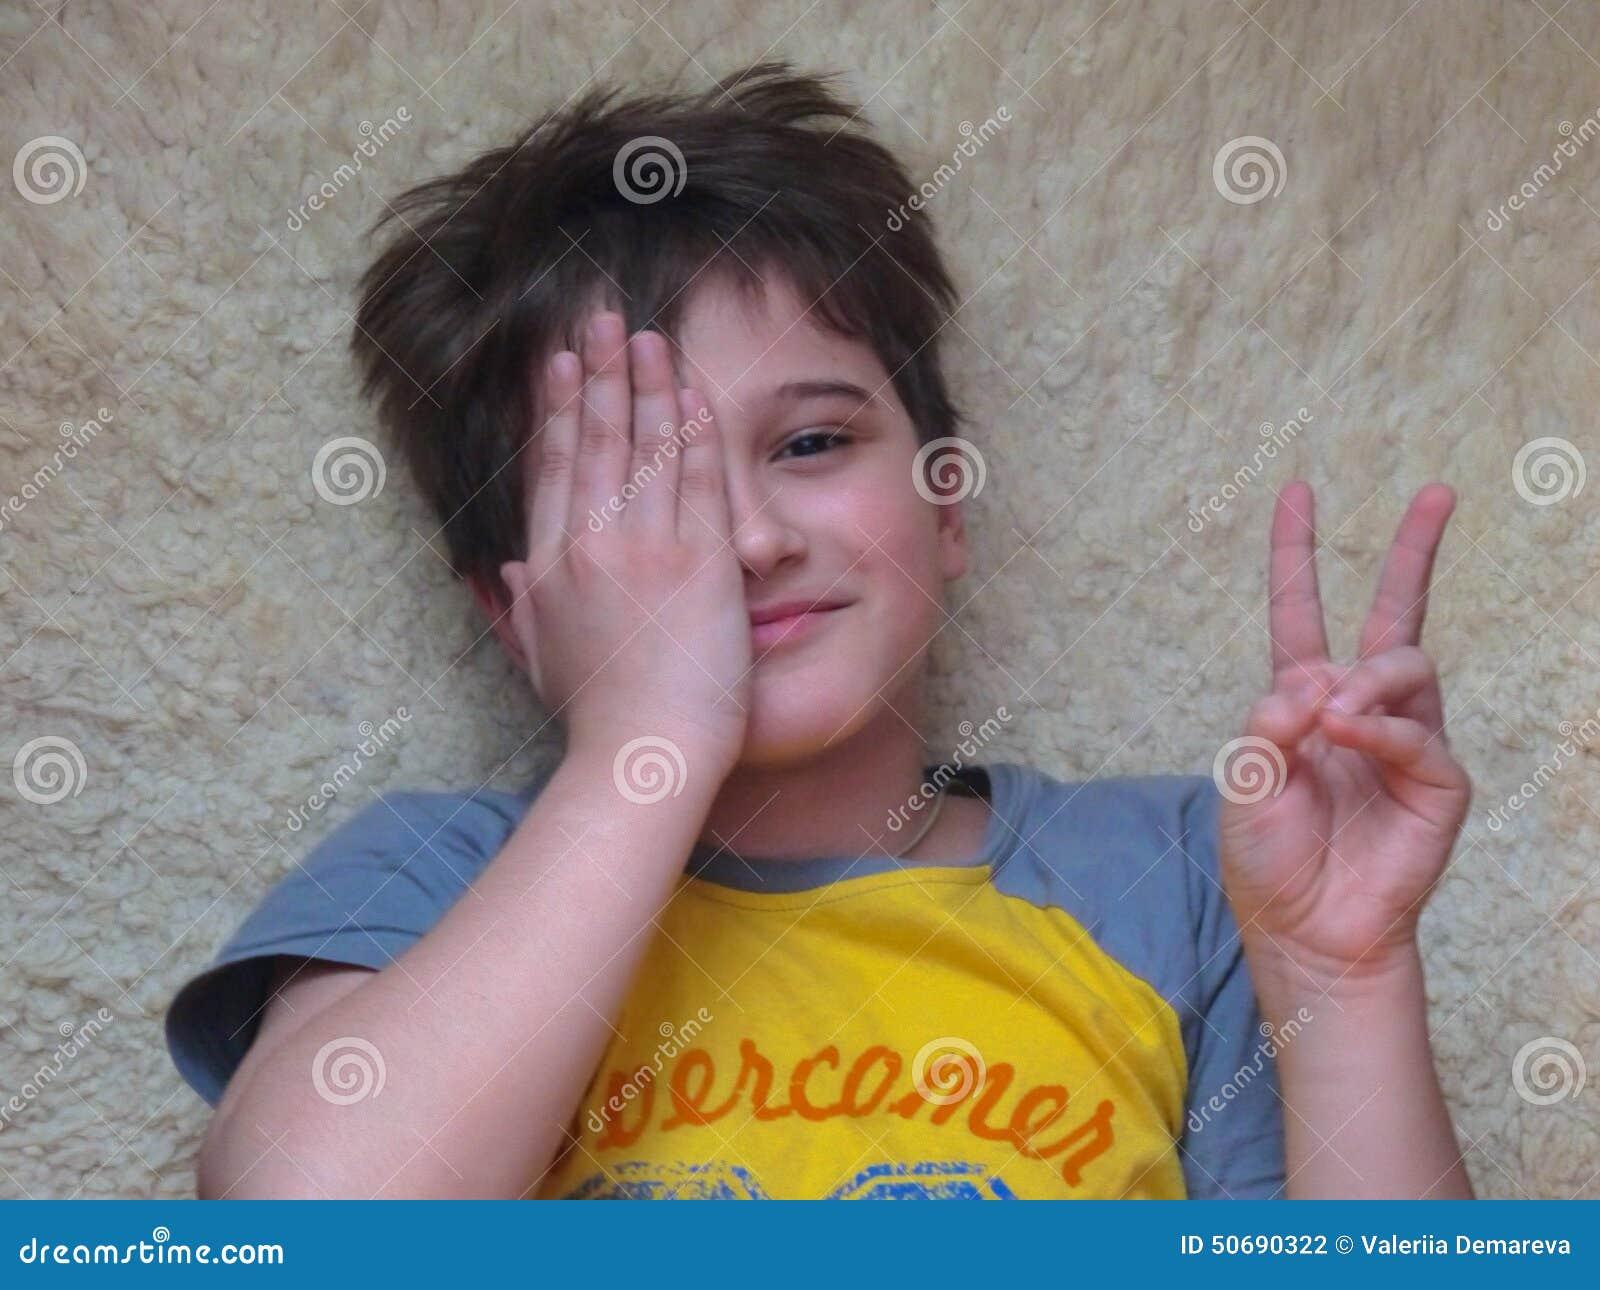 Download 男孩微笑 图库摄影片. 图片 包括有 微笑, 男朋友, 楼层, 愉快, 位于, 其它 - 50690322